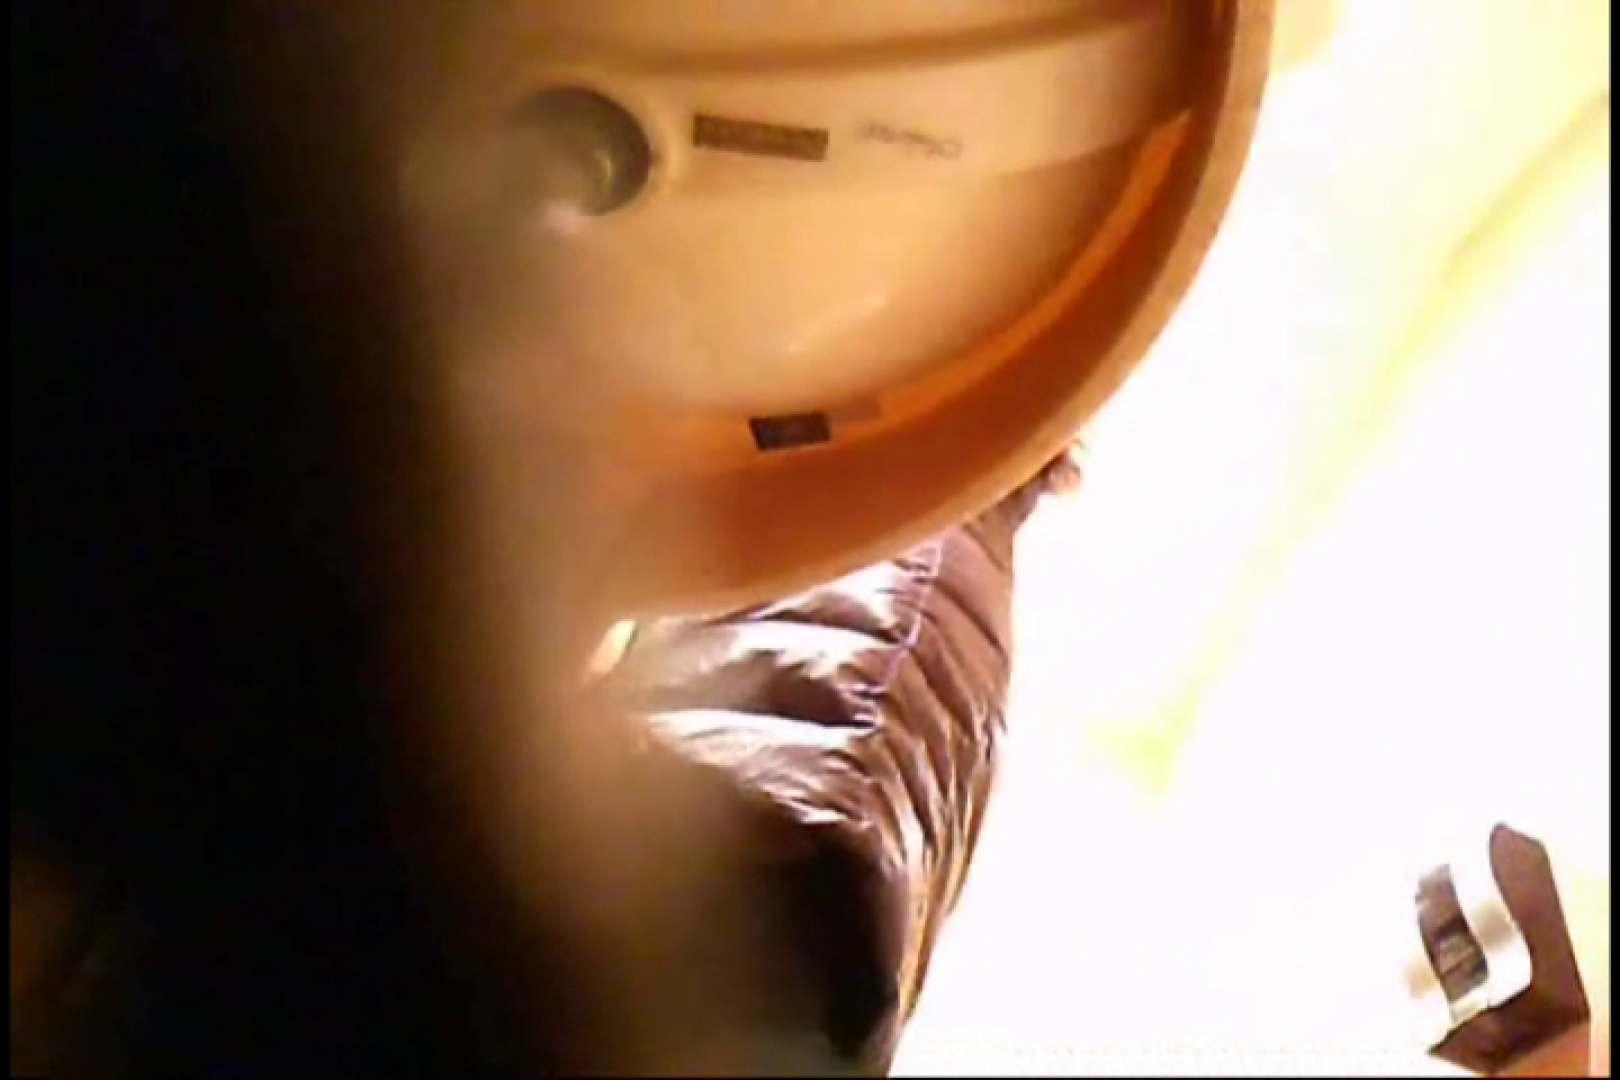 潜入!!女子化粧室盗撮~絶対見られたくない時間~vo,9 盗撮師作品 アダルト動画キャプチャ 100pic 86